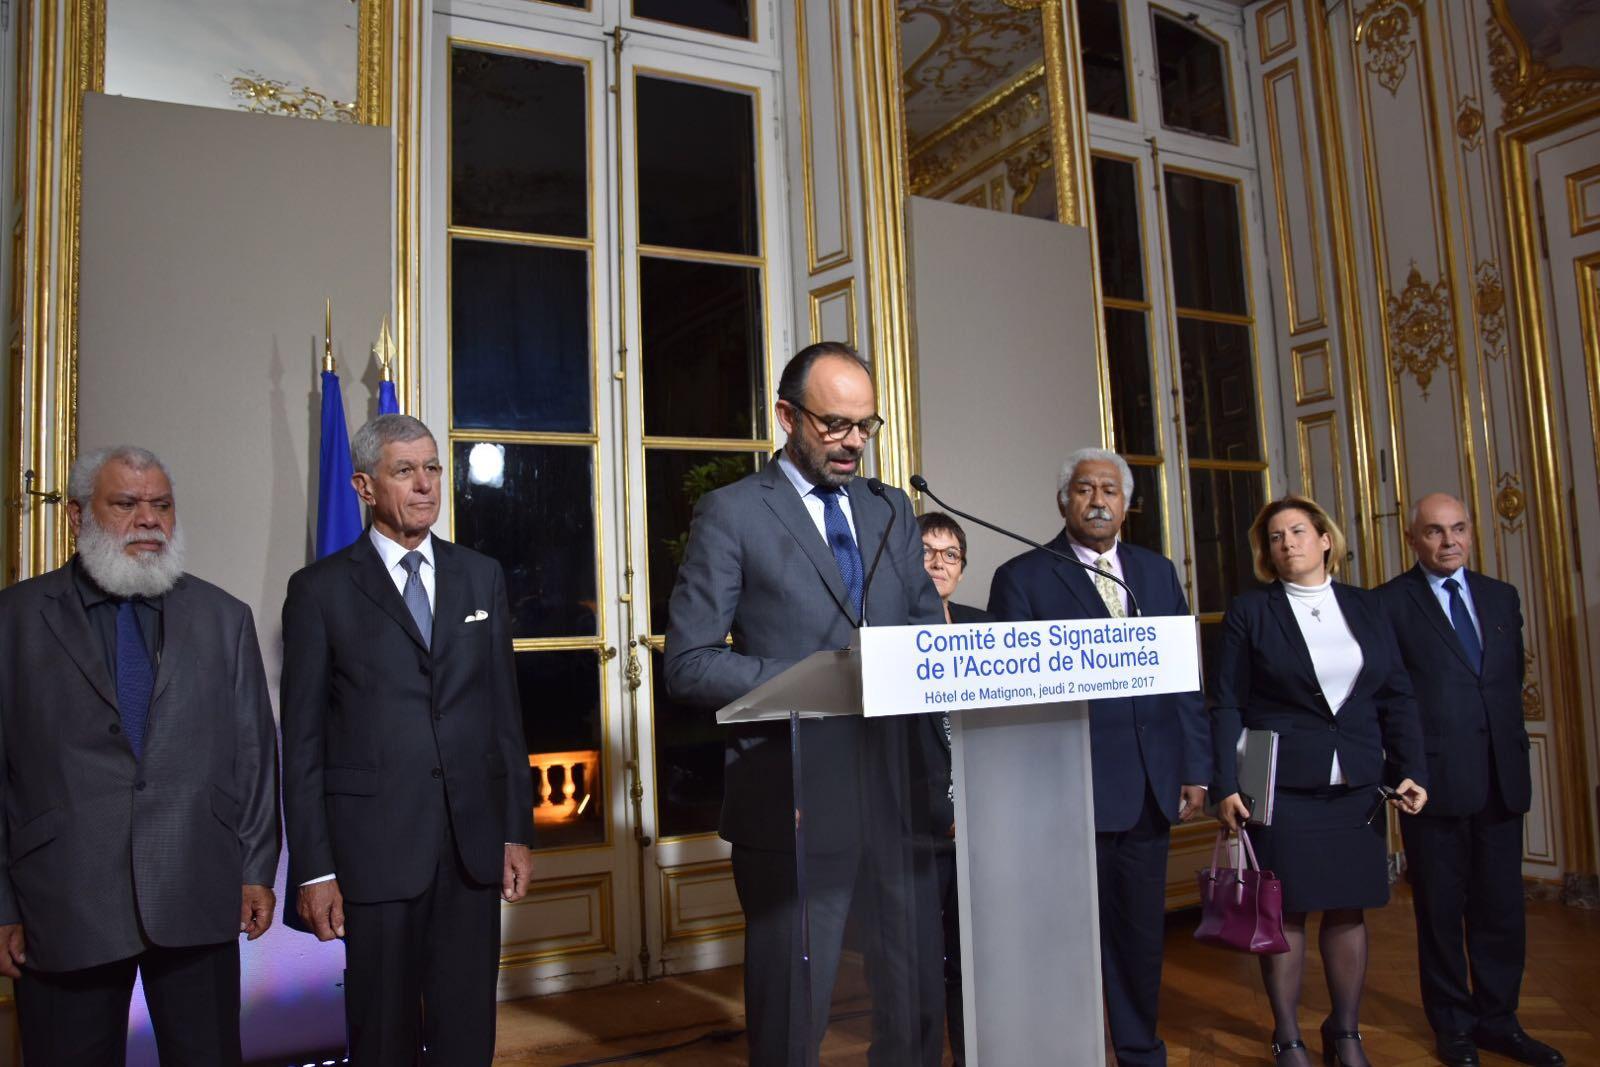 Comité des Signataires : « Nous avons pu aboutir à un accord politique », déclare Edouard Philippe